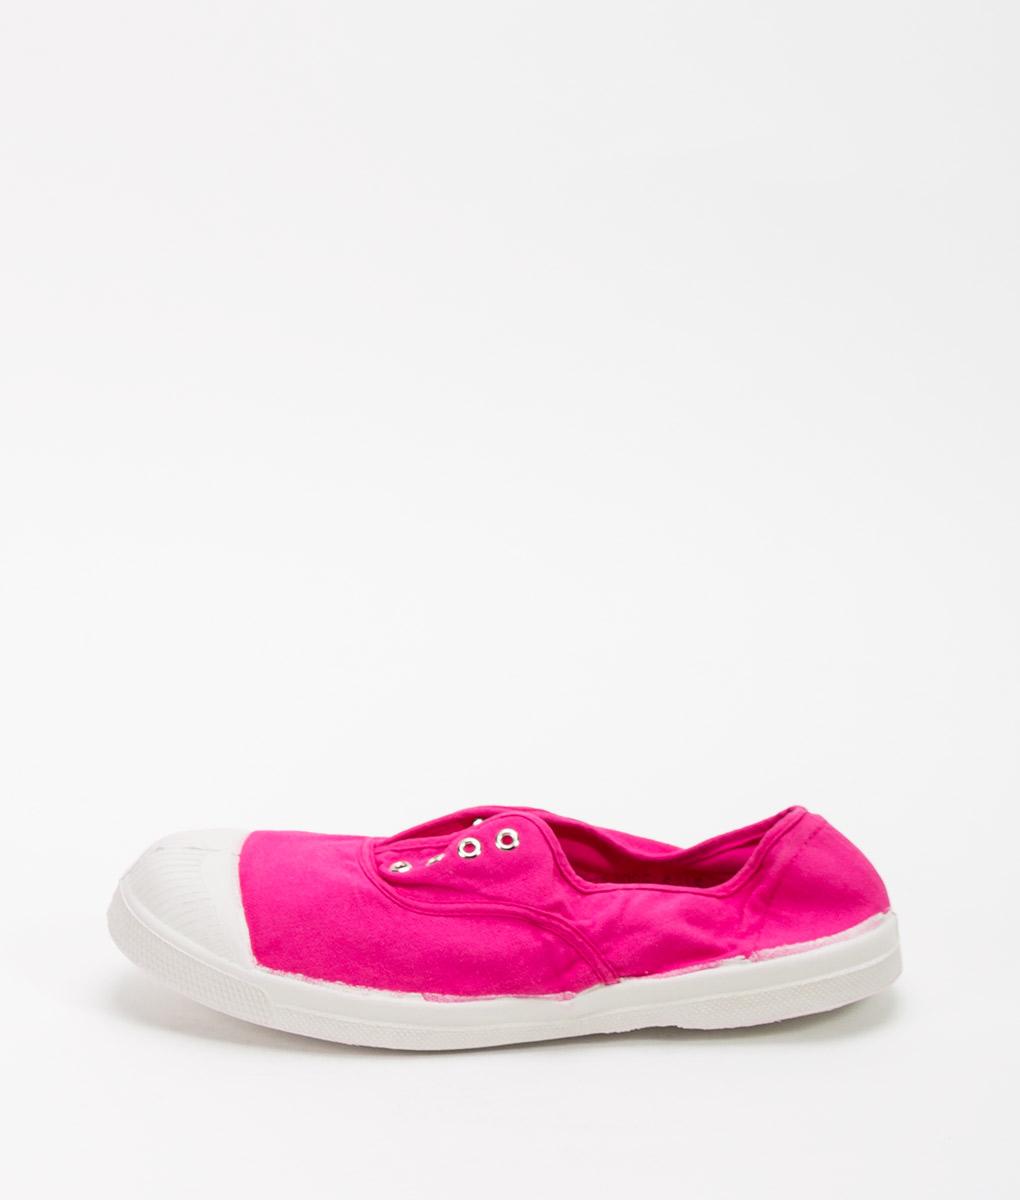 BENSIMON Women Sneakers 15149 ELLY, Fuxia 39.99 1